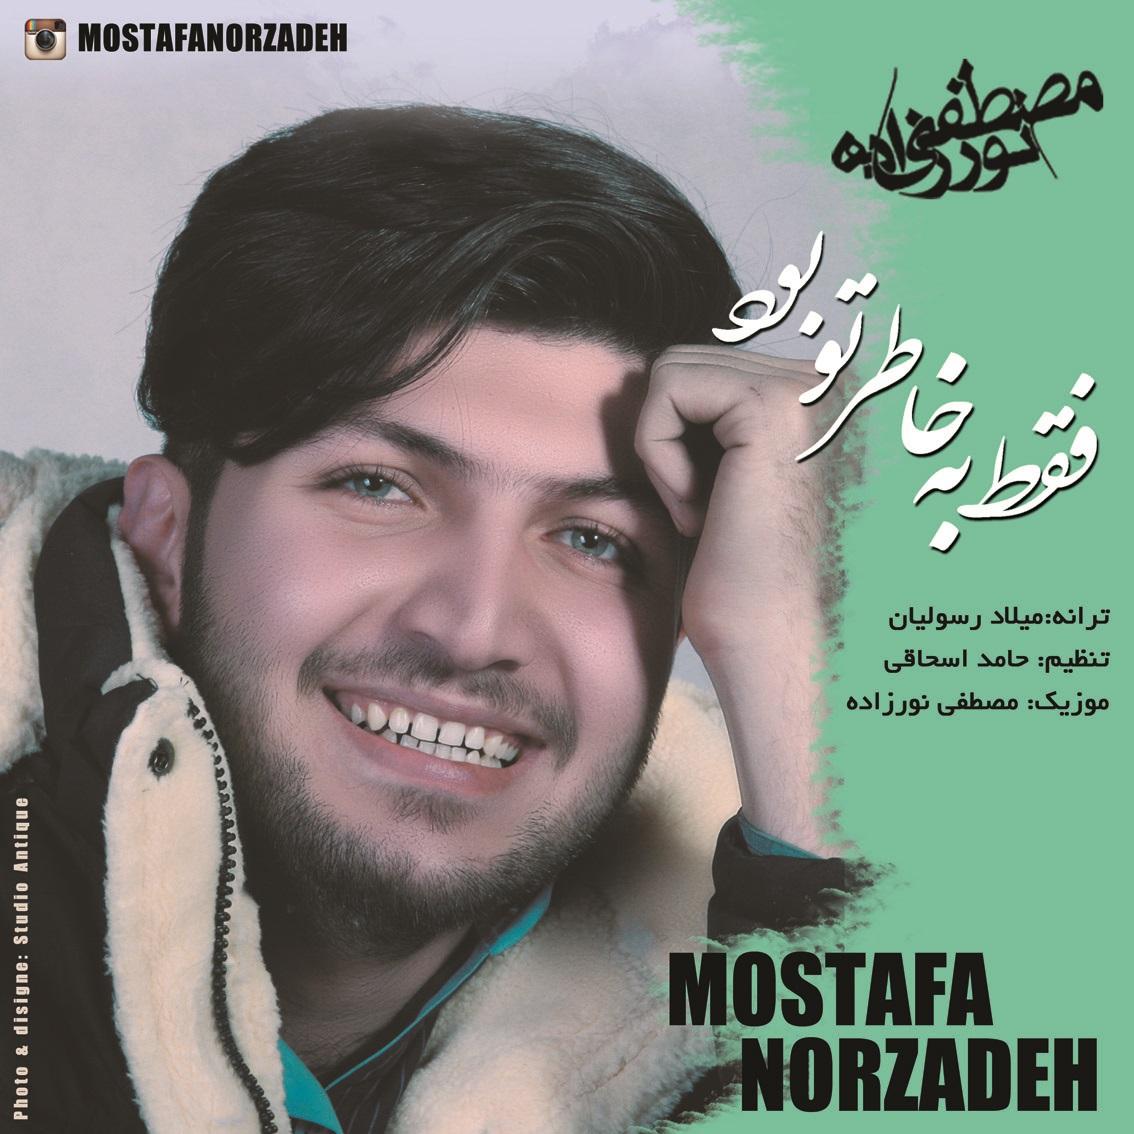 دانلود آهنگ جدید مصطفي نورزاده به نام فقط بخاطر تو بود